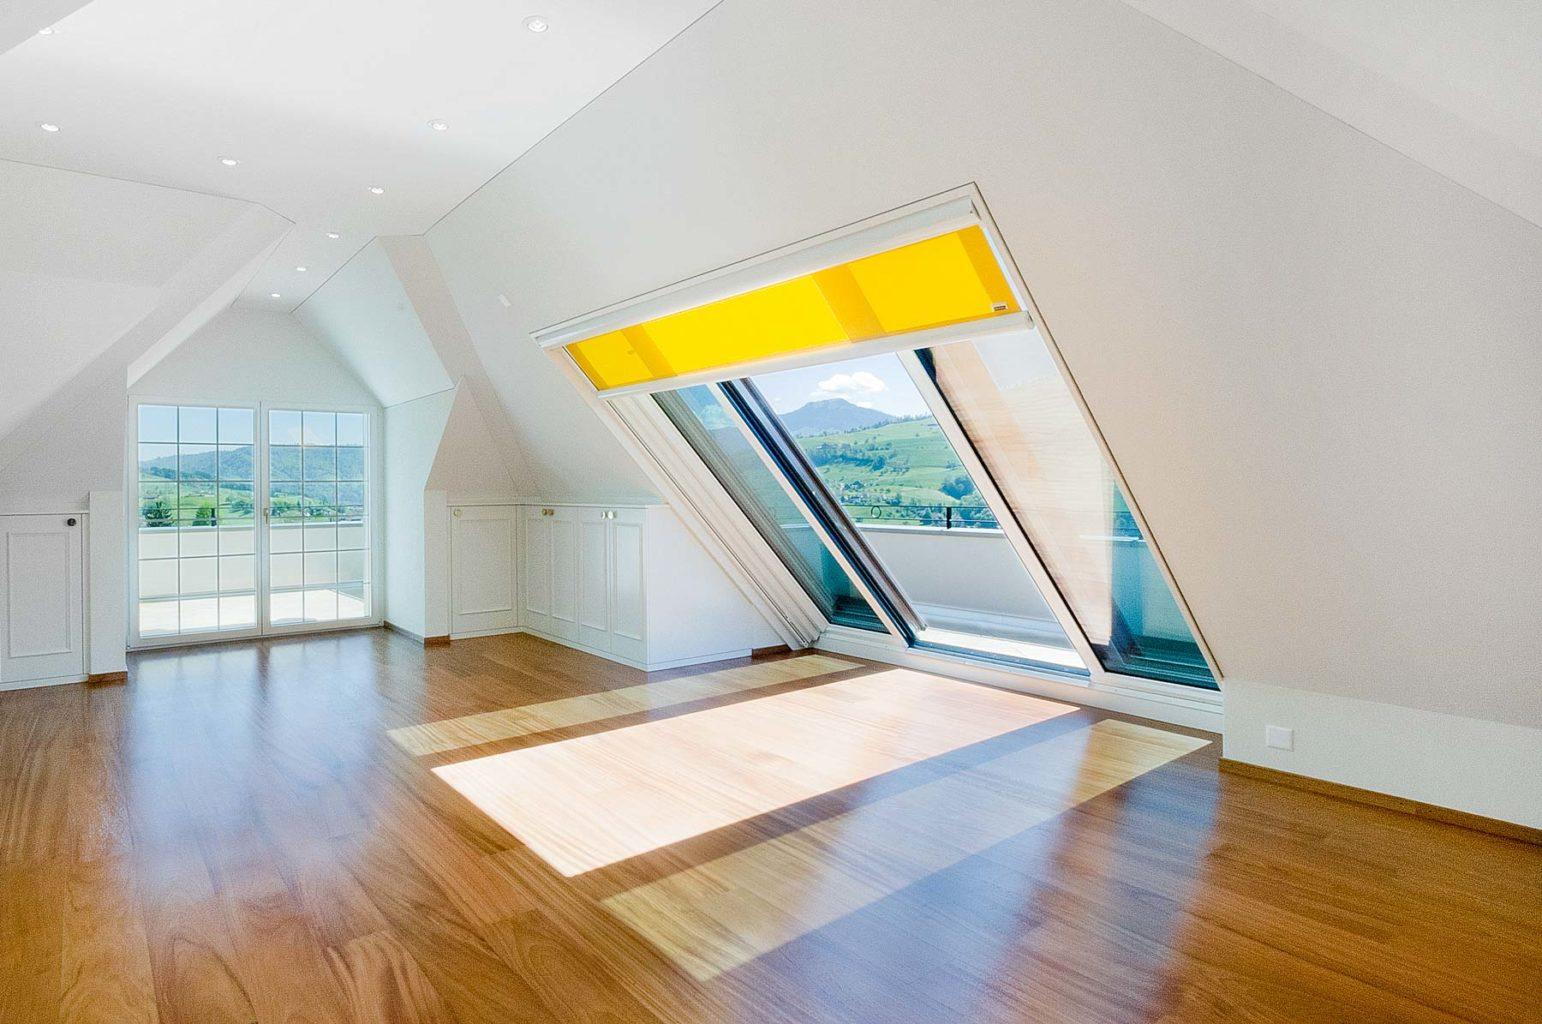 Dachfenster Panorama in Küssnacht in der Schweiz (Objekt 1111). Panorama Dachschiebefenster lassen viel Sonnenlicht in den Raum, ermöglichen den Blick auf die Umgebung und sorgen so für eine außergewöhnliche Atmosphäre. Innenliegende Rollos bieten Schutz vor blendenden Sonnenstrahlen und können auf die Größe des Fensters angepasst werden.